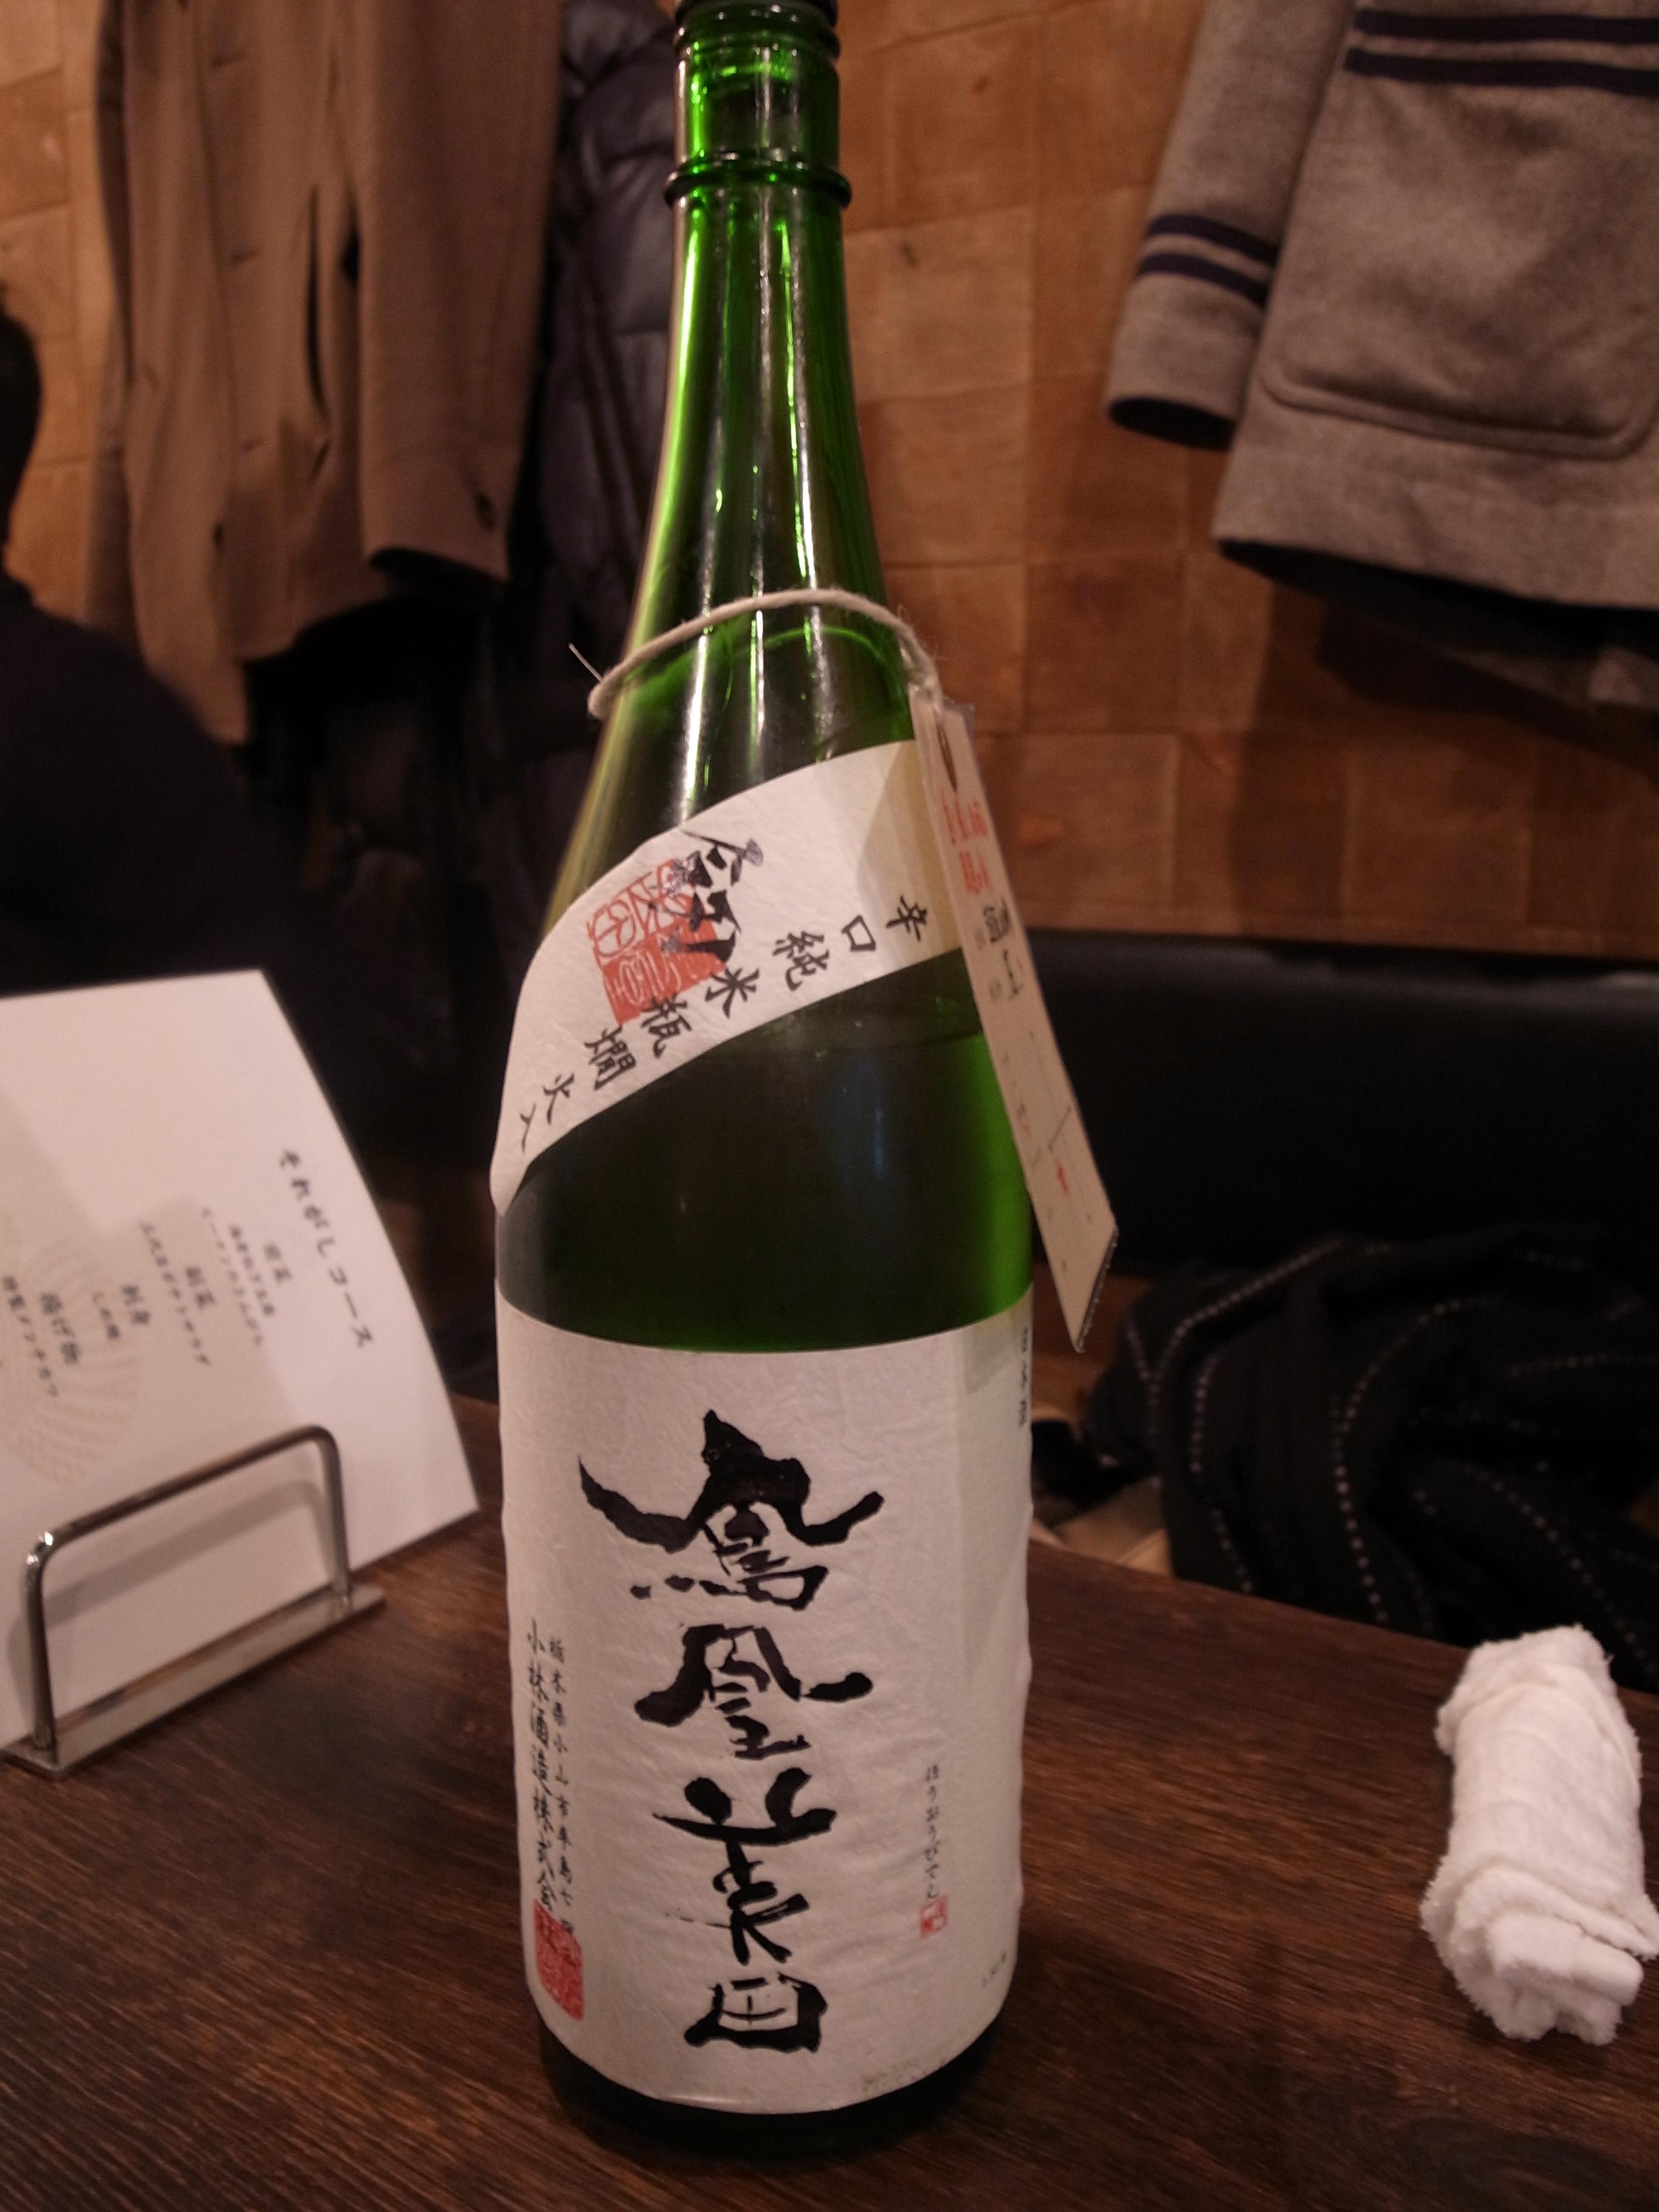 山手線沿いの日本酒がおいしい居酒屋:五反田「酒場それがし」 (9)